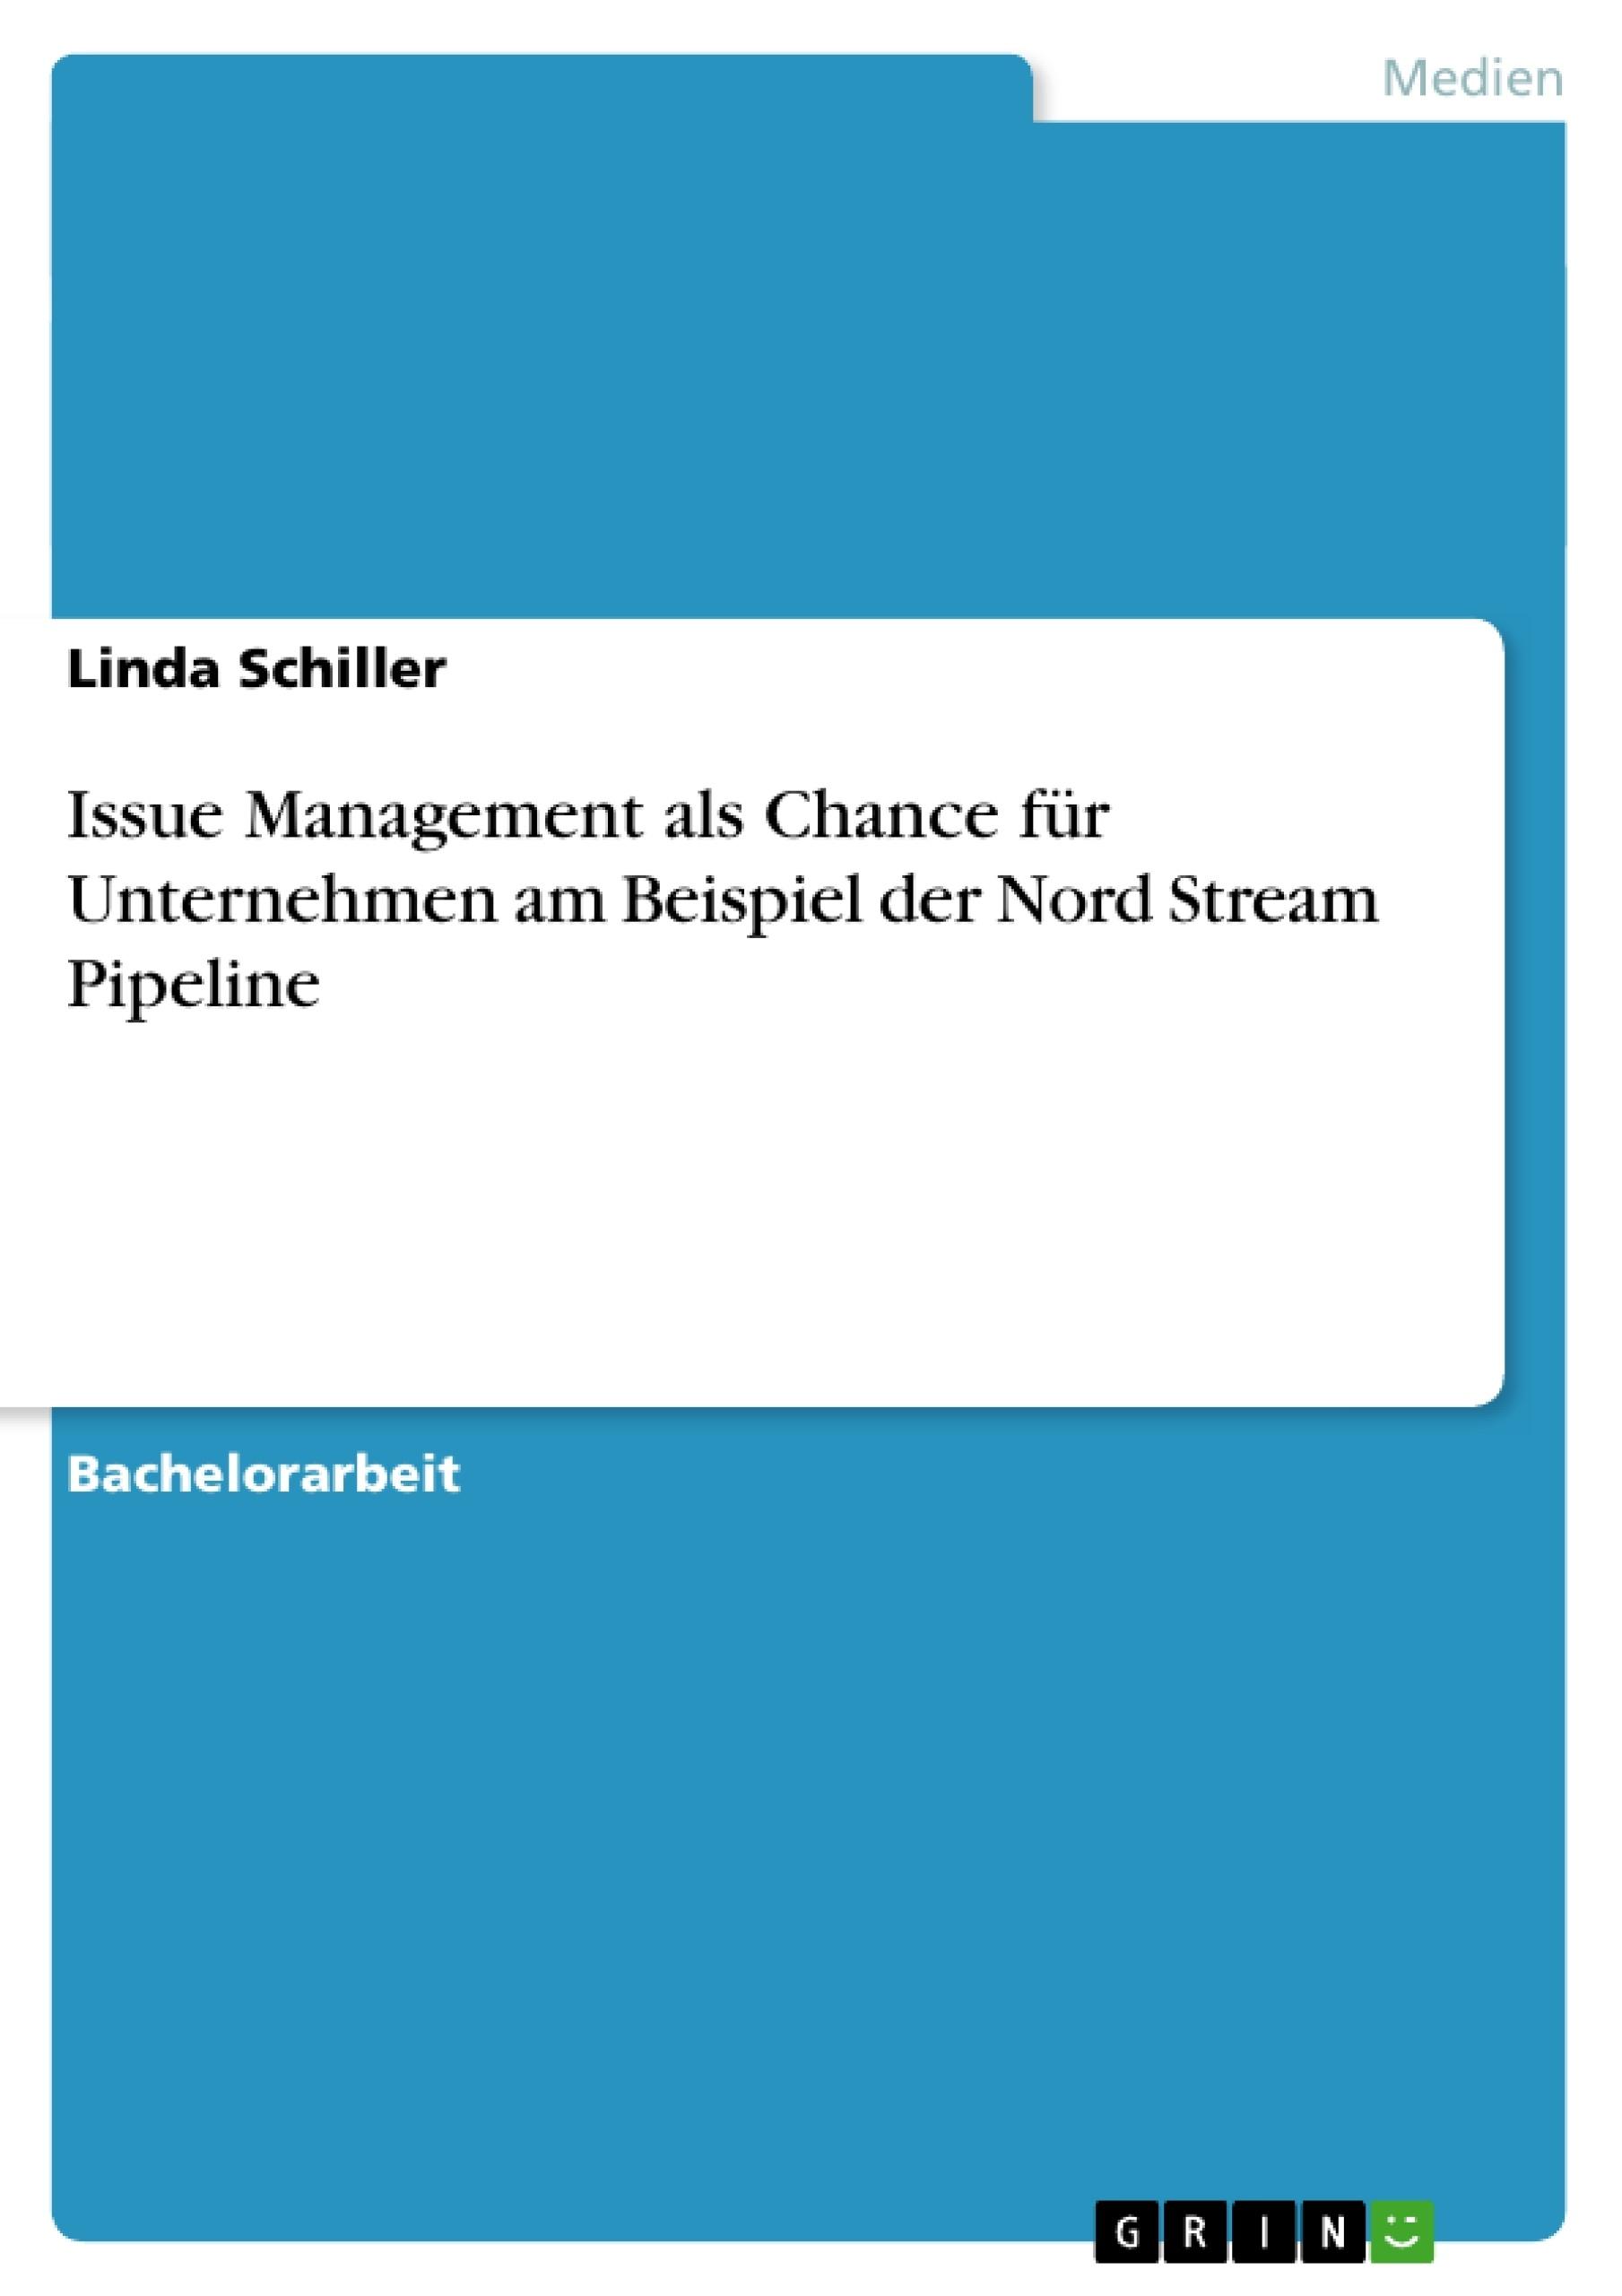 Titel: Issue Management als Chance für Unternehmen am Beispiel der Nord Stream Pipeline